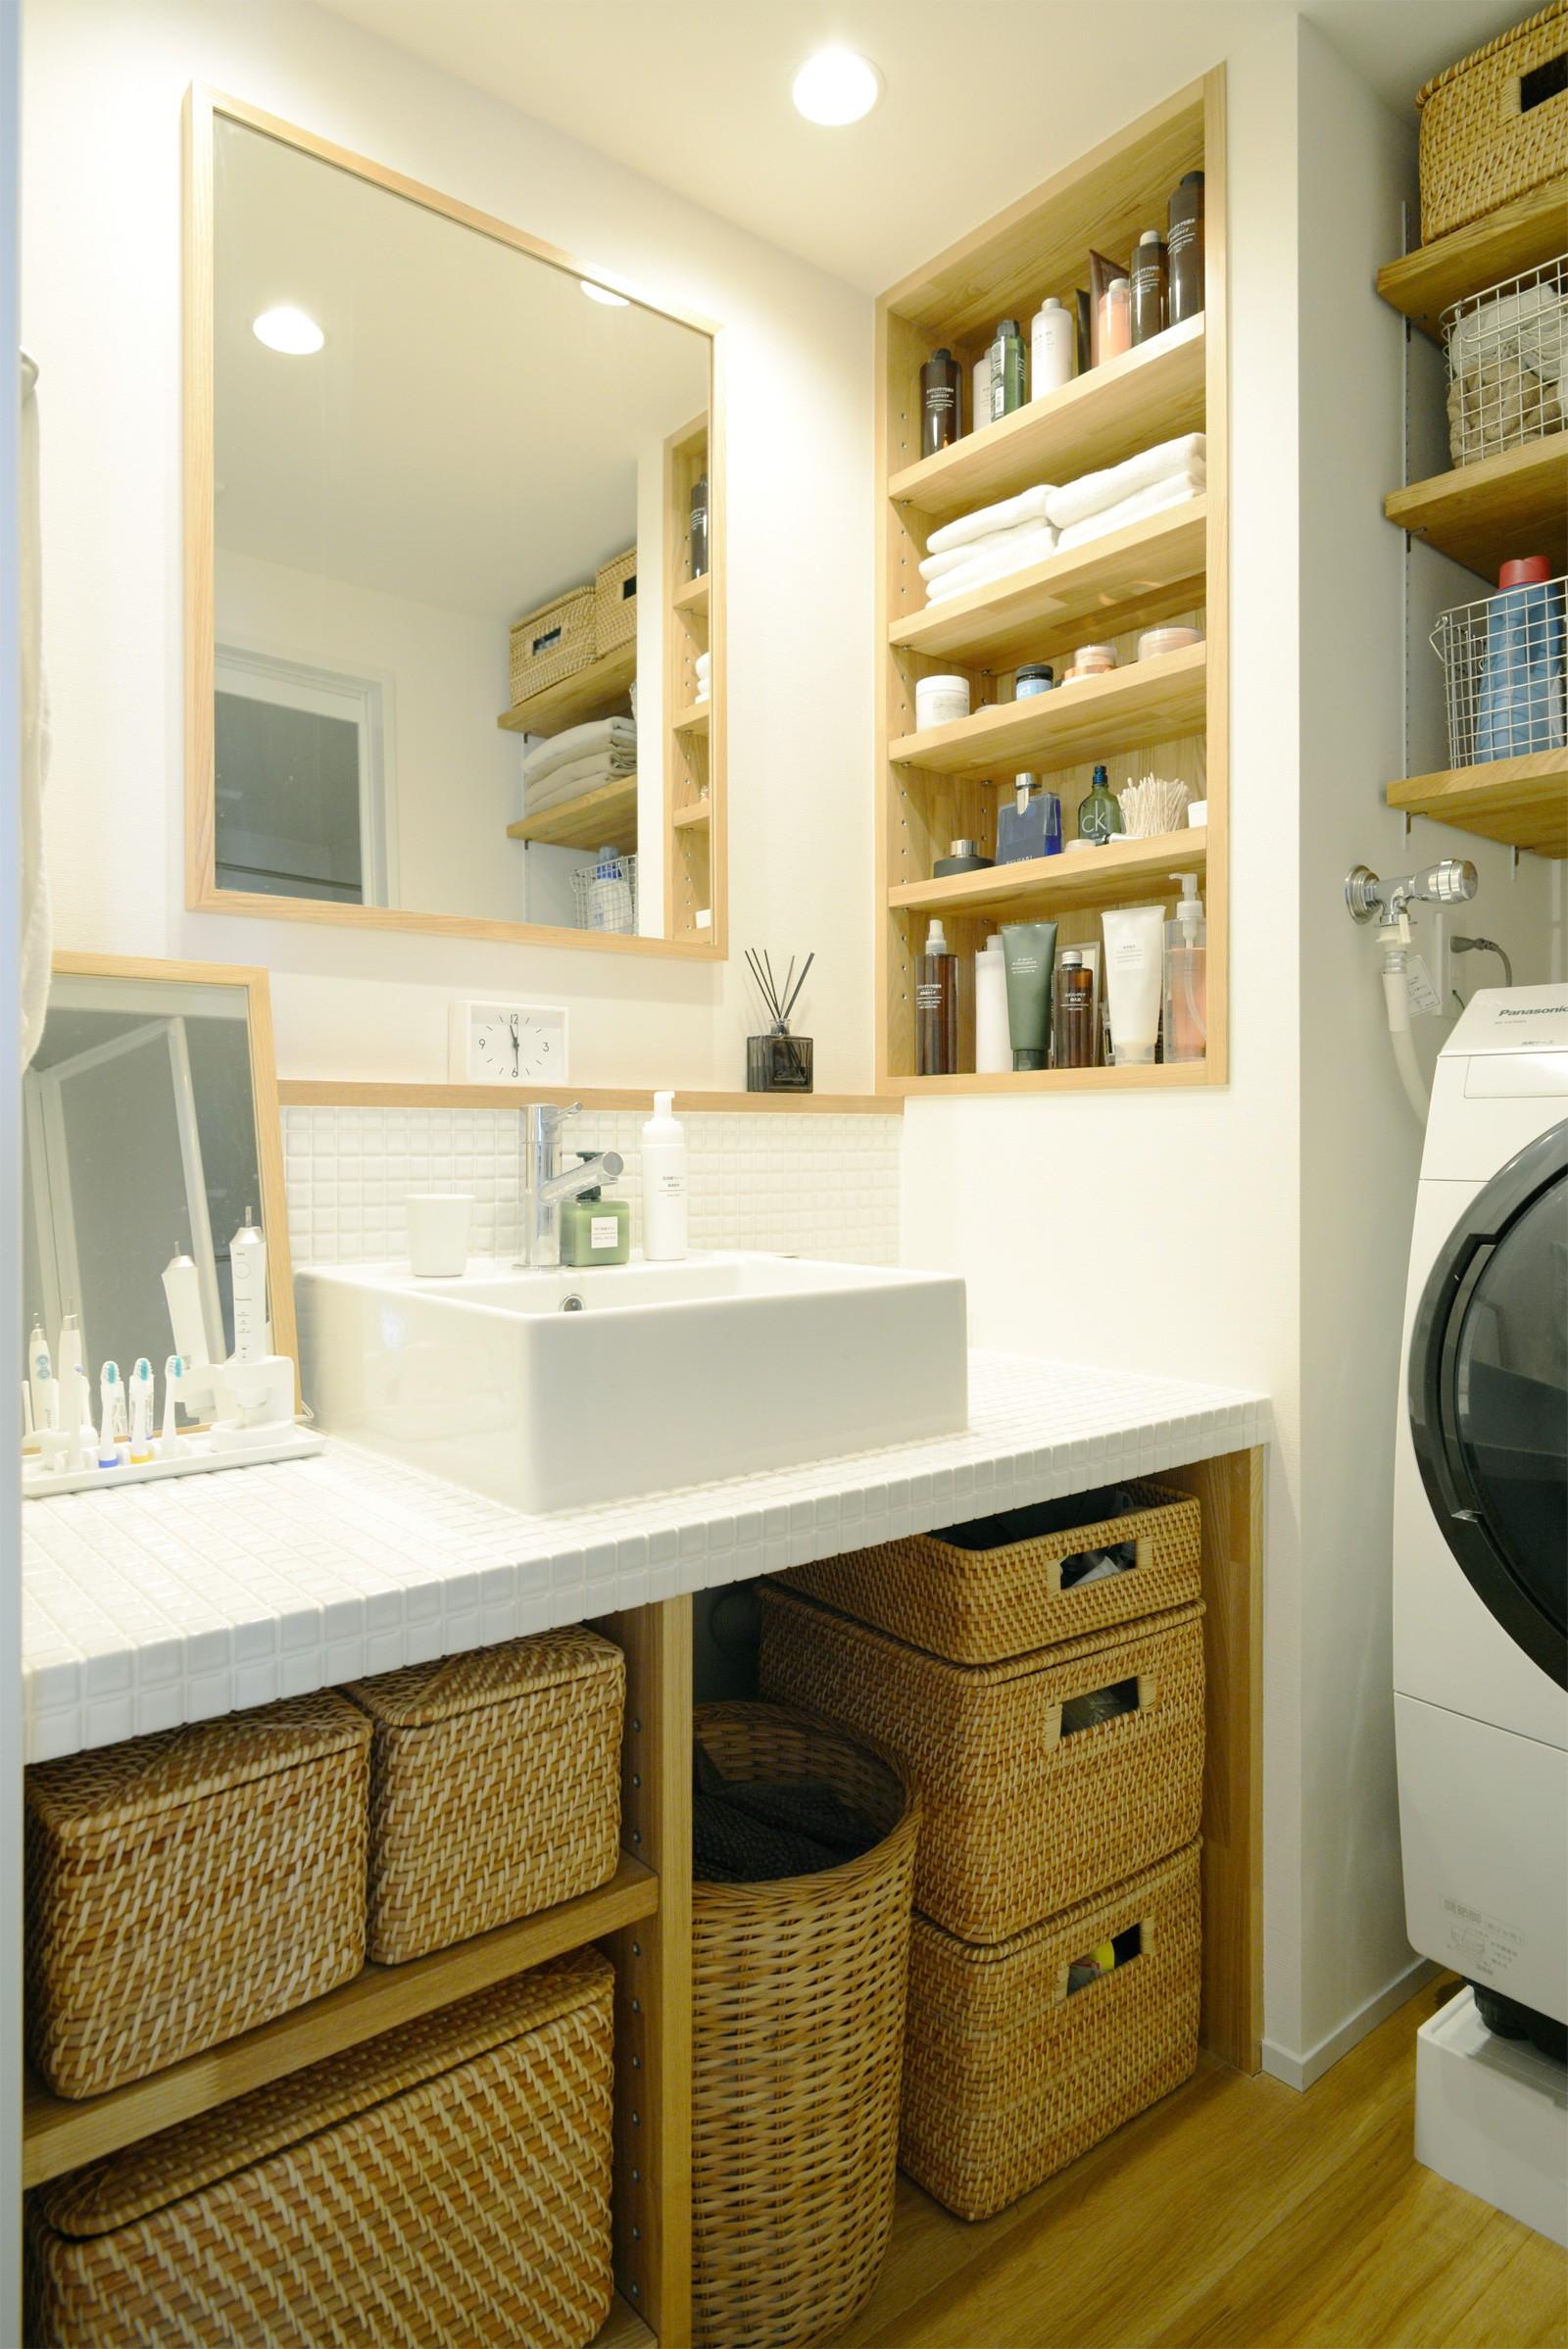 リビングダイニング事例:洗面台(『無印な住まい』 ― 家具を部屋に溶け込ませて)